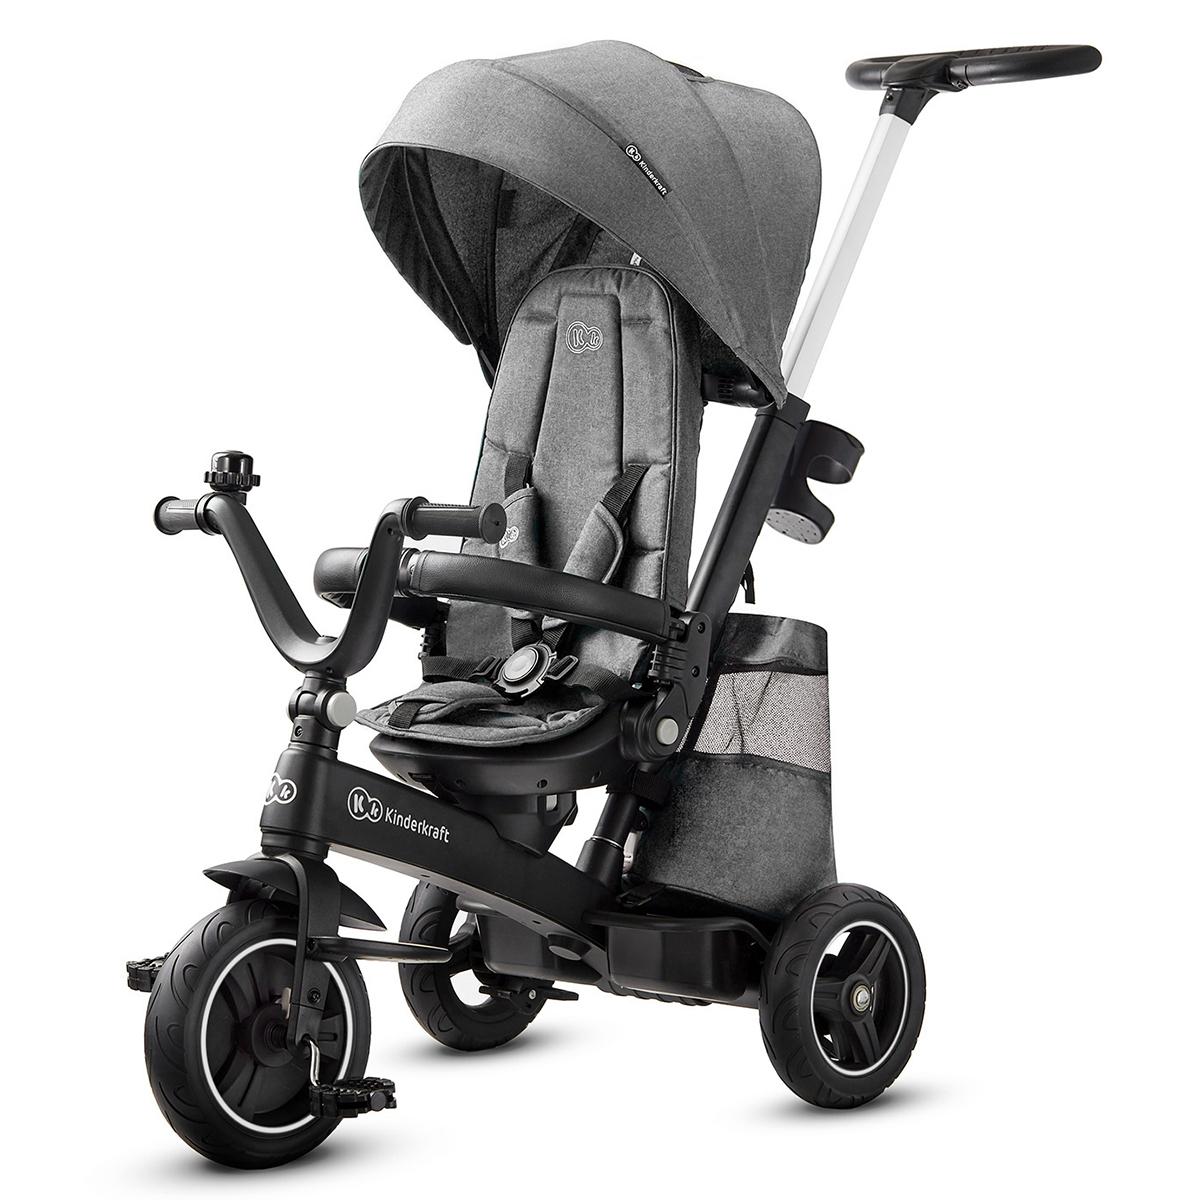 Trotteur & Porteur Tricycle EASYTWIST - Platinum Grey Tricycle EASYTWIST - Platinum Grey